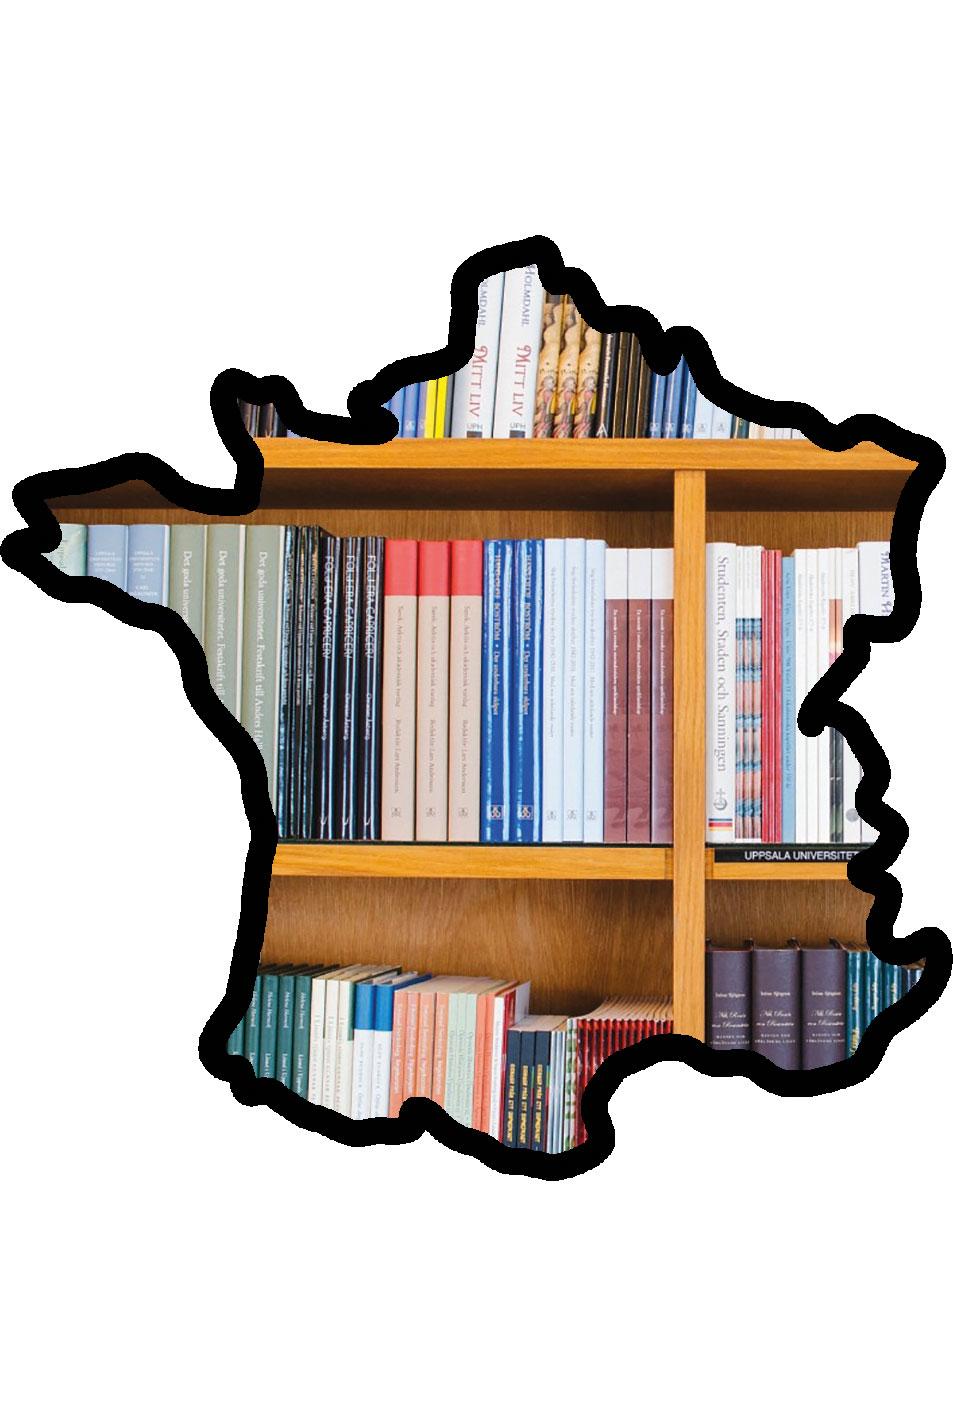 Tour de France en livres